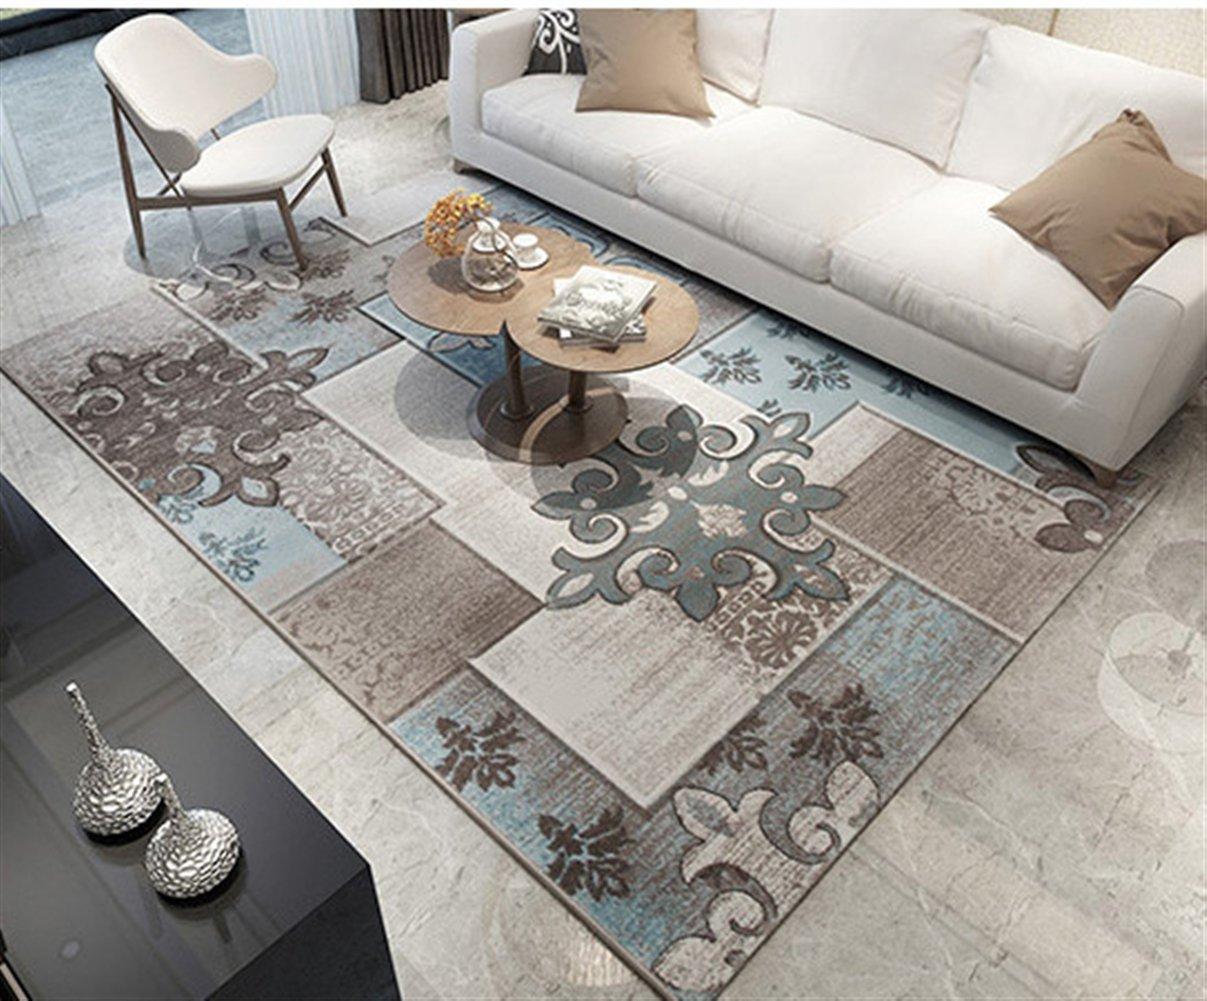 Tappeti Soggiorno Pelo Corto : Ommda tappeti salotto soggiorno moderni home stampa d tappeti